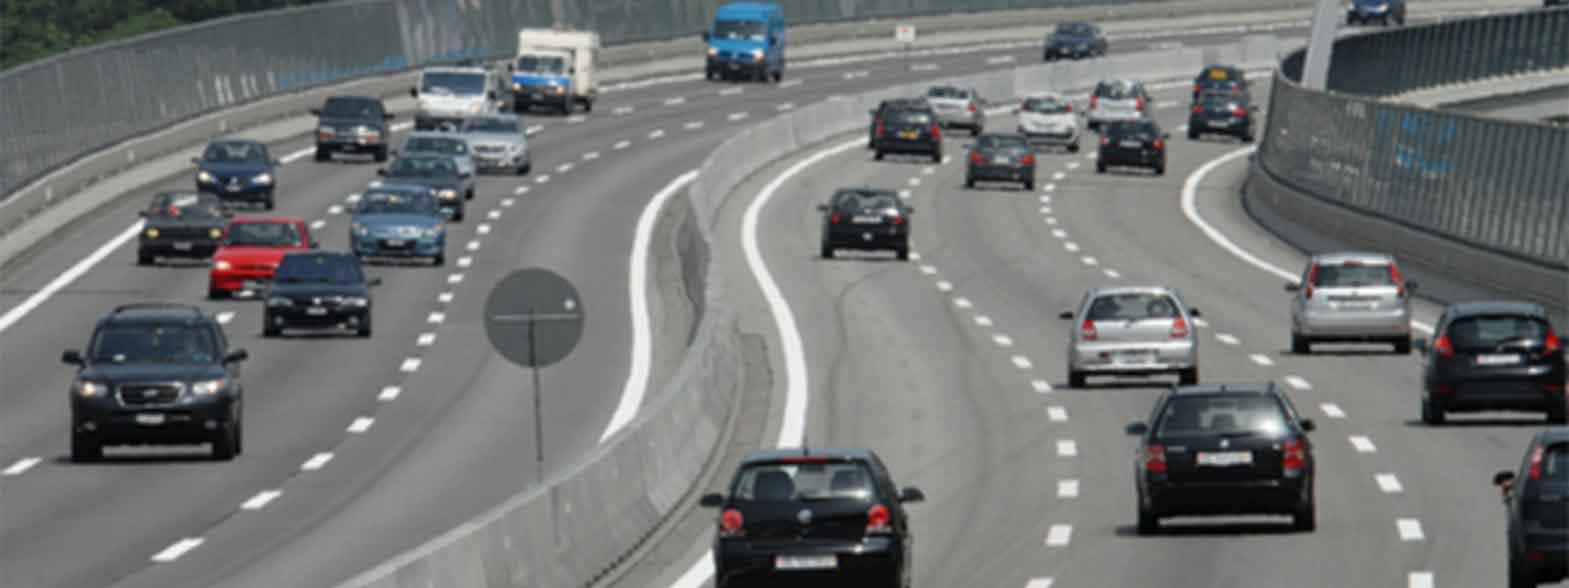 Terraplant Highway